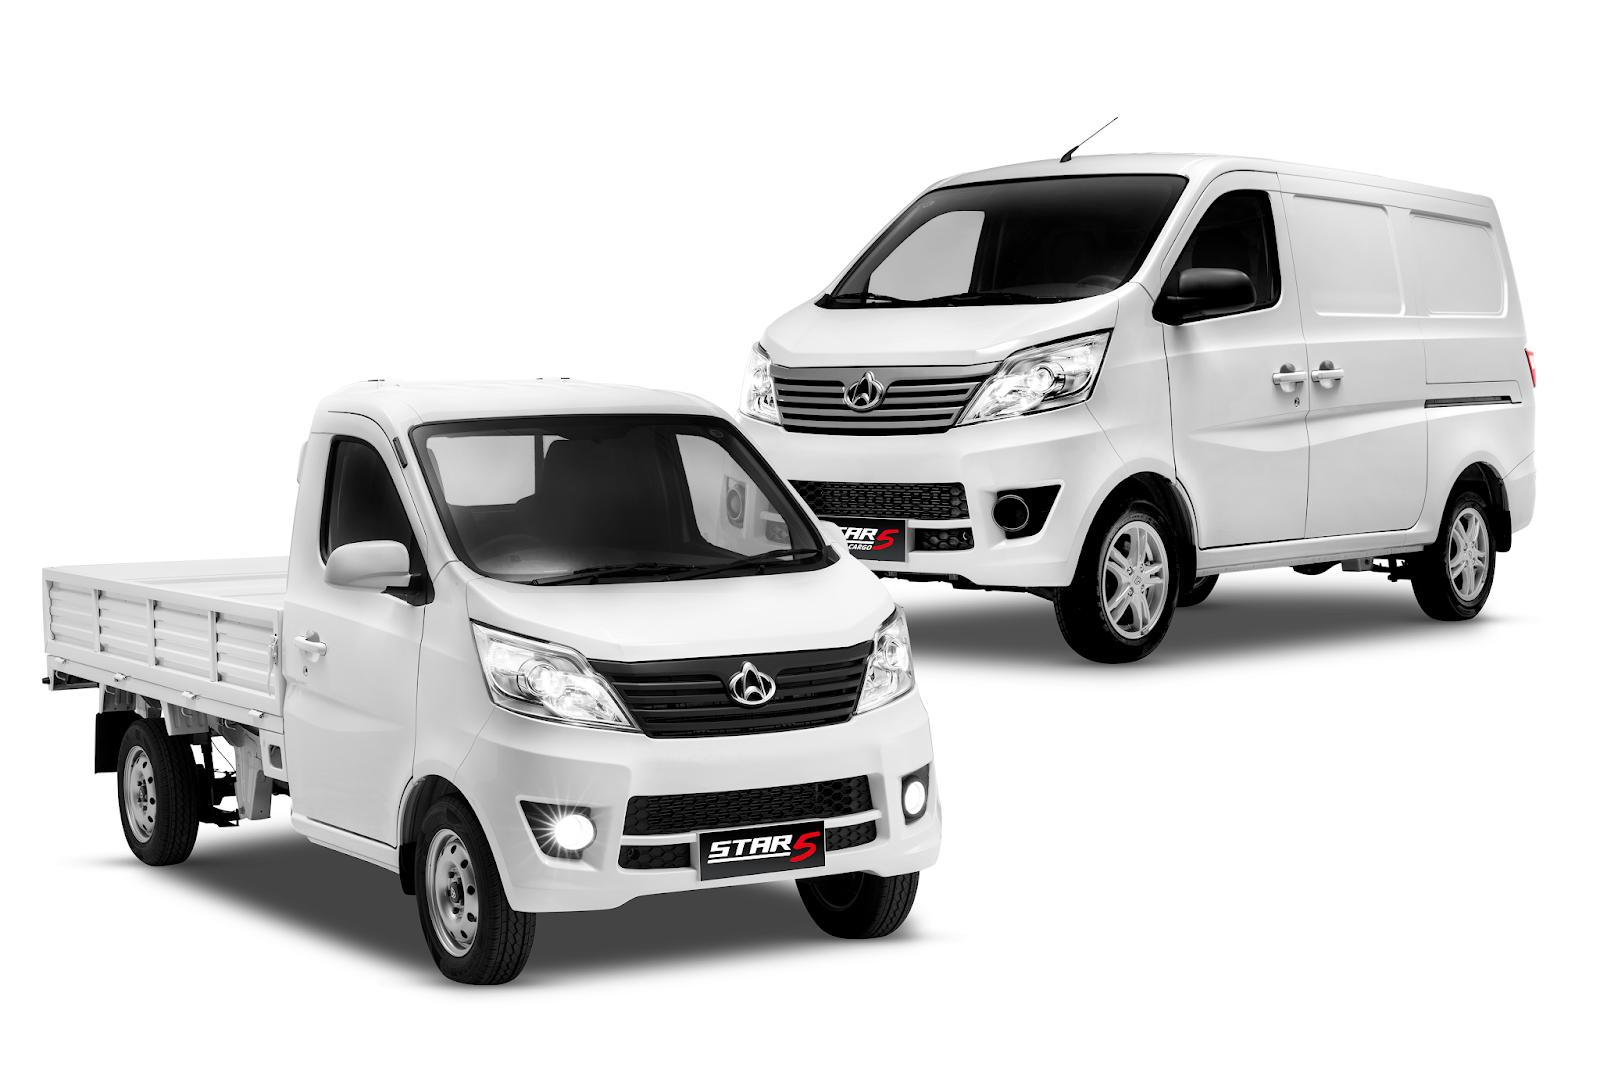 Changan presenta nueva línea de vehículos de distribución